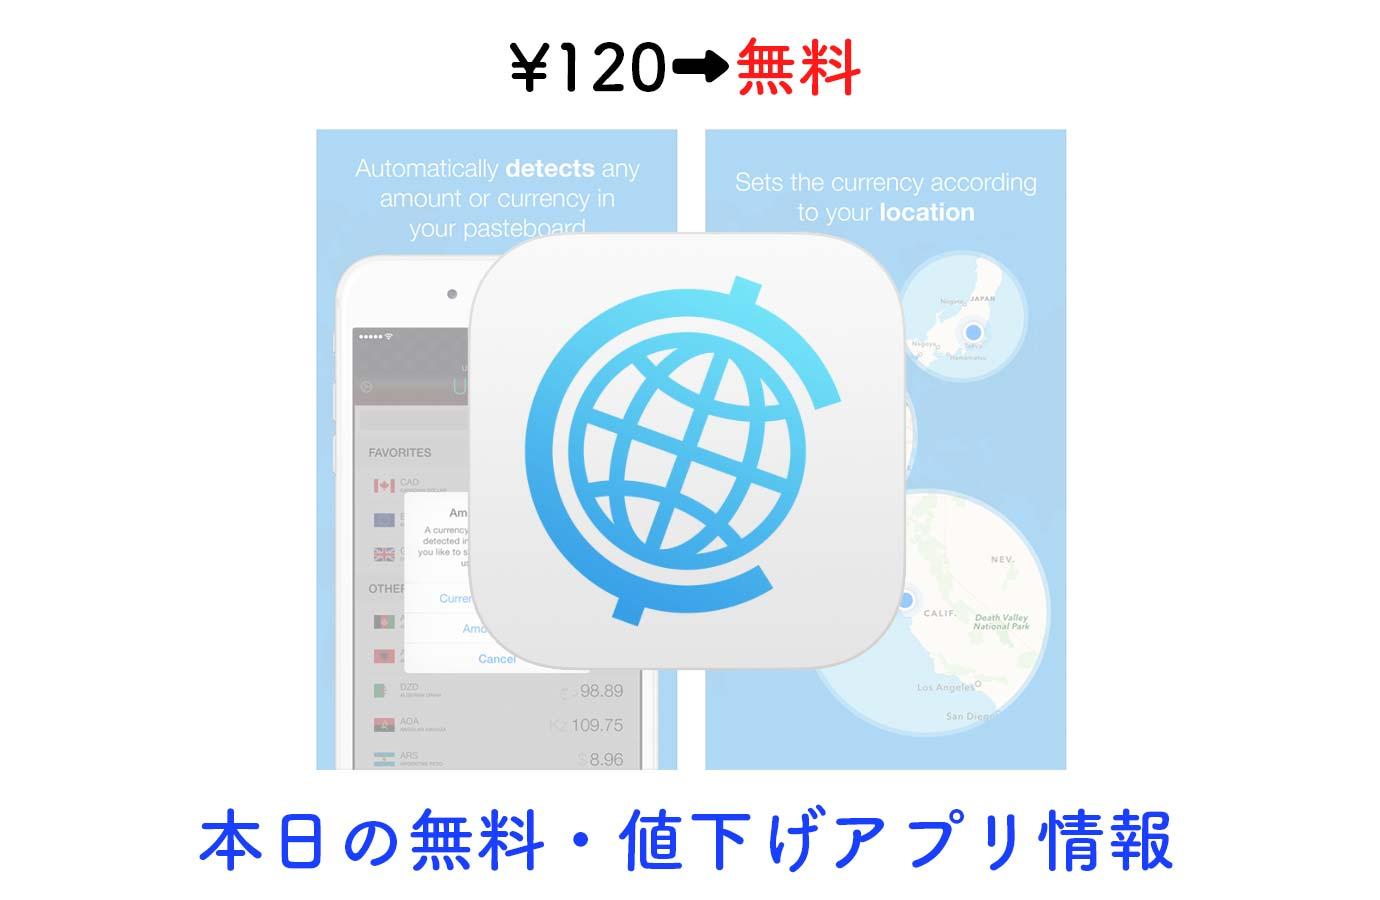 ¥120→無料、海外旅行に便利な位置情報を取得できる通貨換算アプリ「Currencies」など【9/19】本日の無料・値下げアプリ情報